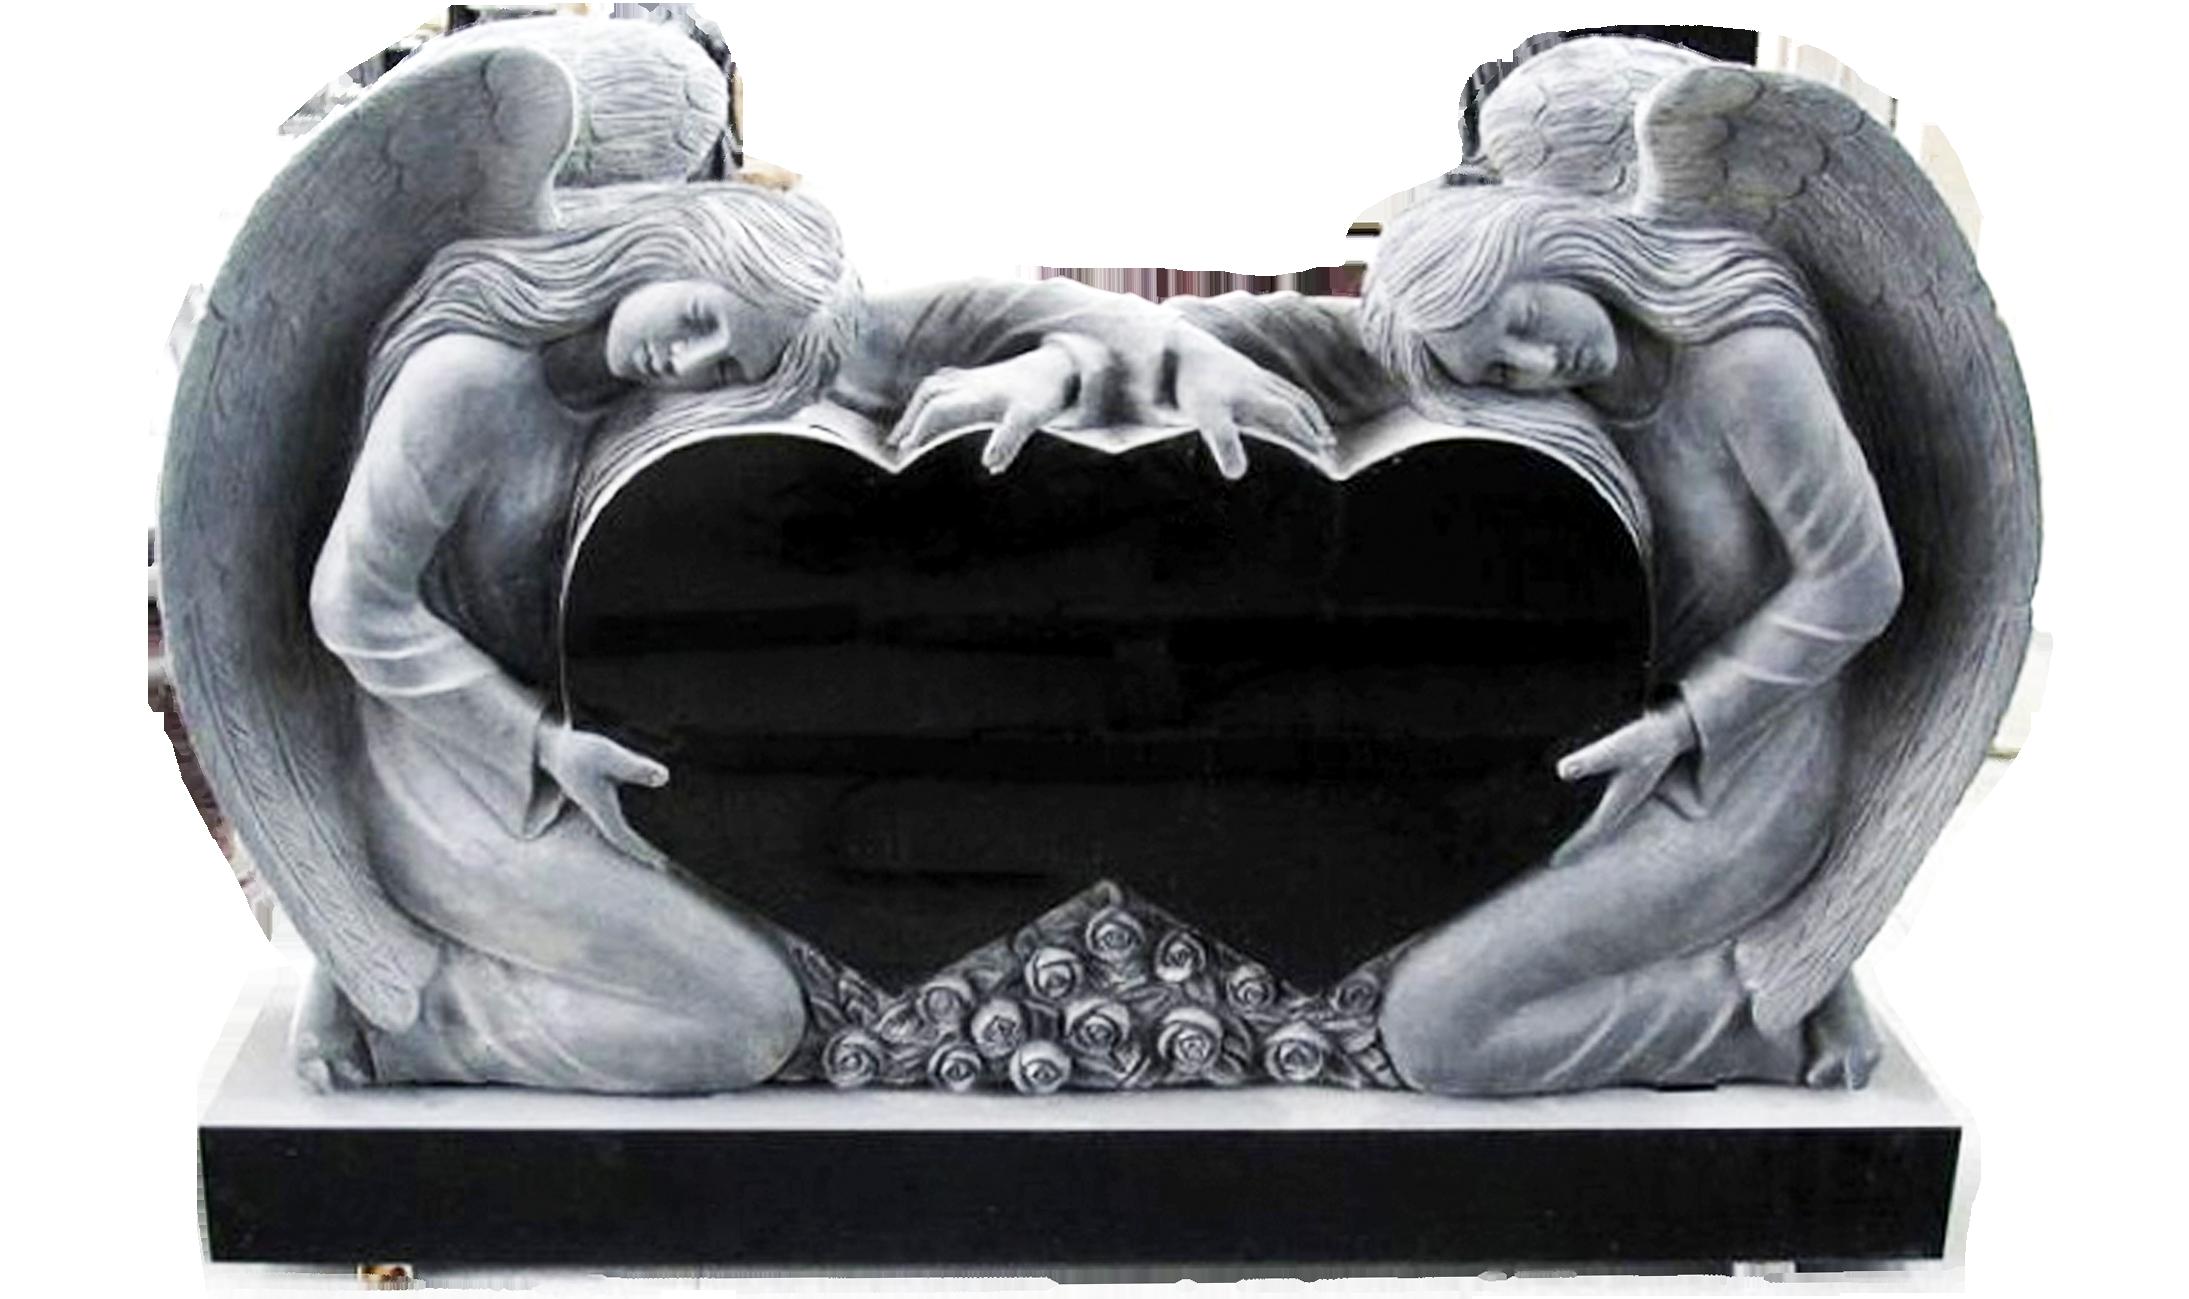 Памятники гранит и мрамор фото 2018 образцы и цены на памятники заказ